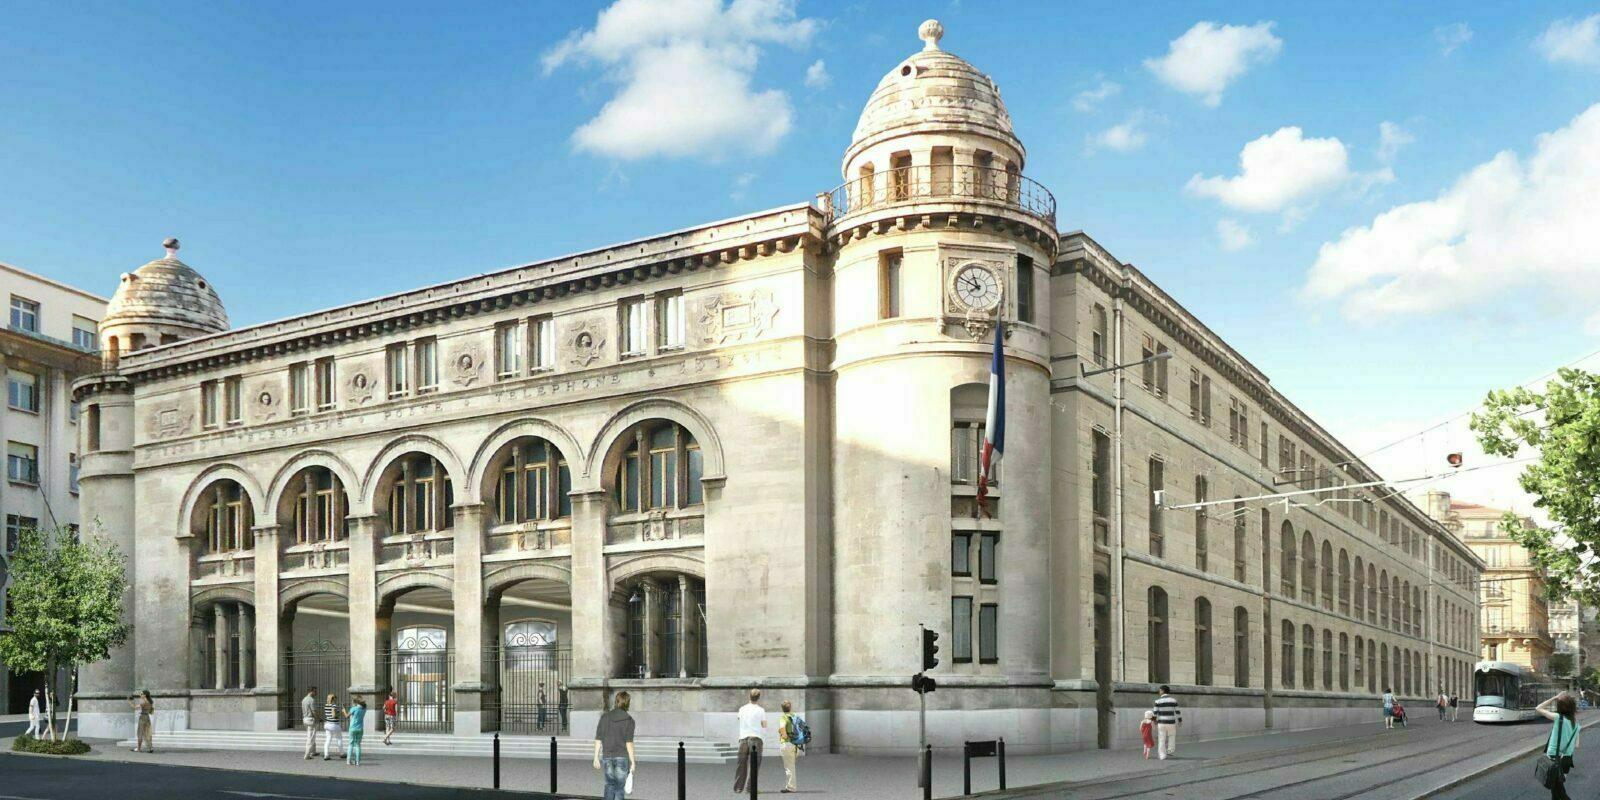 Image De Synthèse La Poste Colbert à Marseille